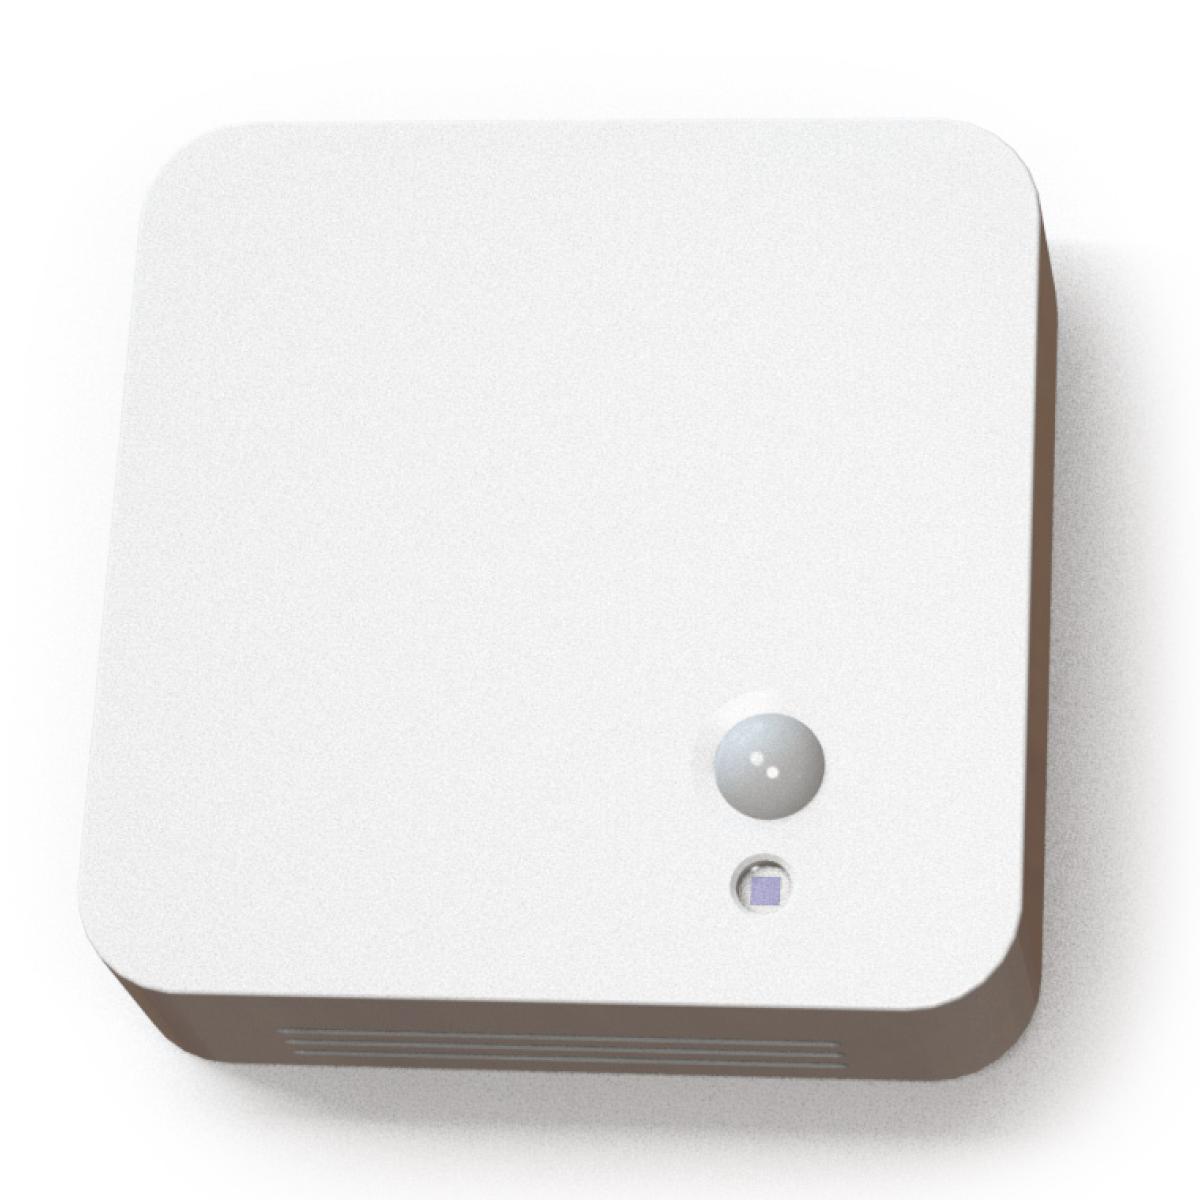 sens474-1 ERS eye room sensor